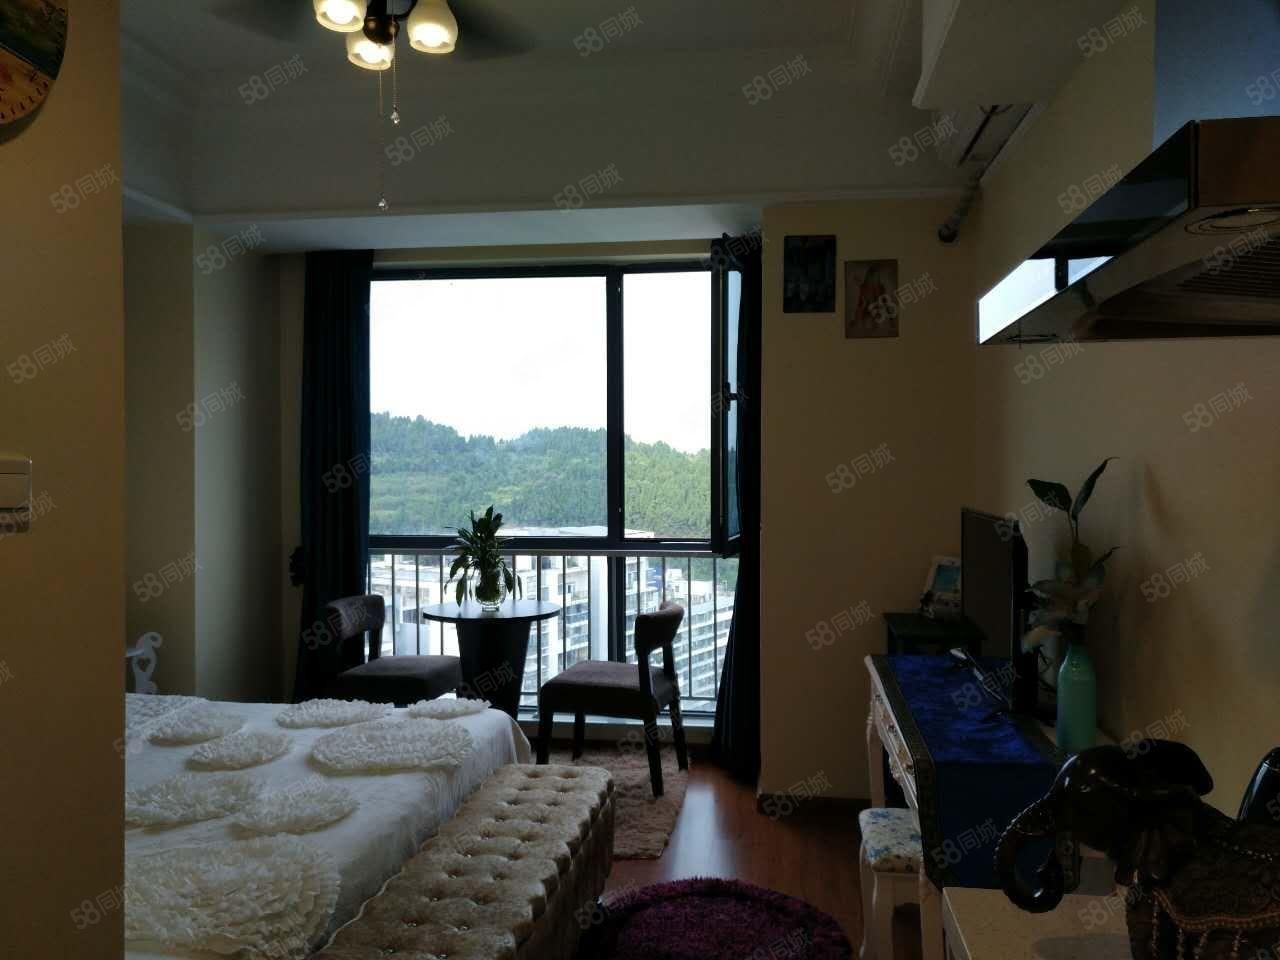 1室1厅1卫采光好交通便利配套完善万达公寓